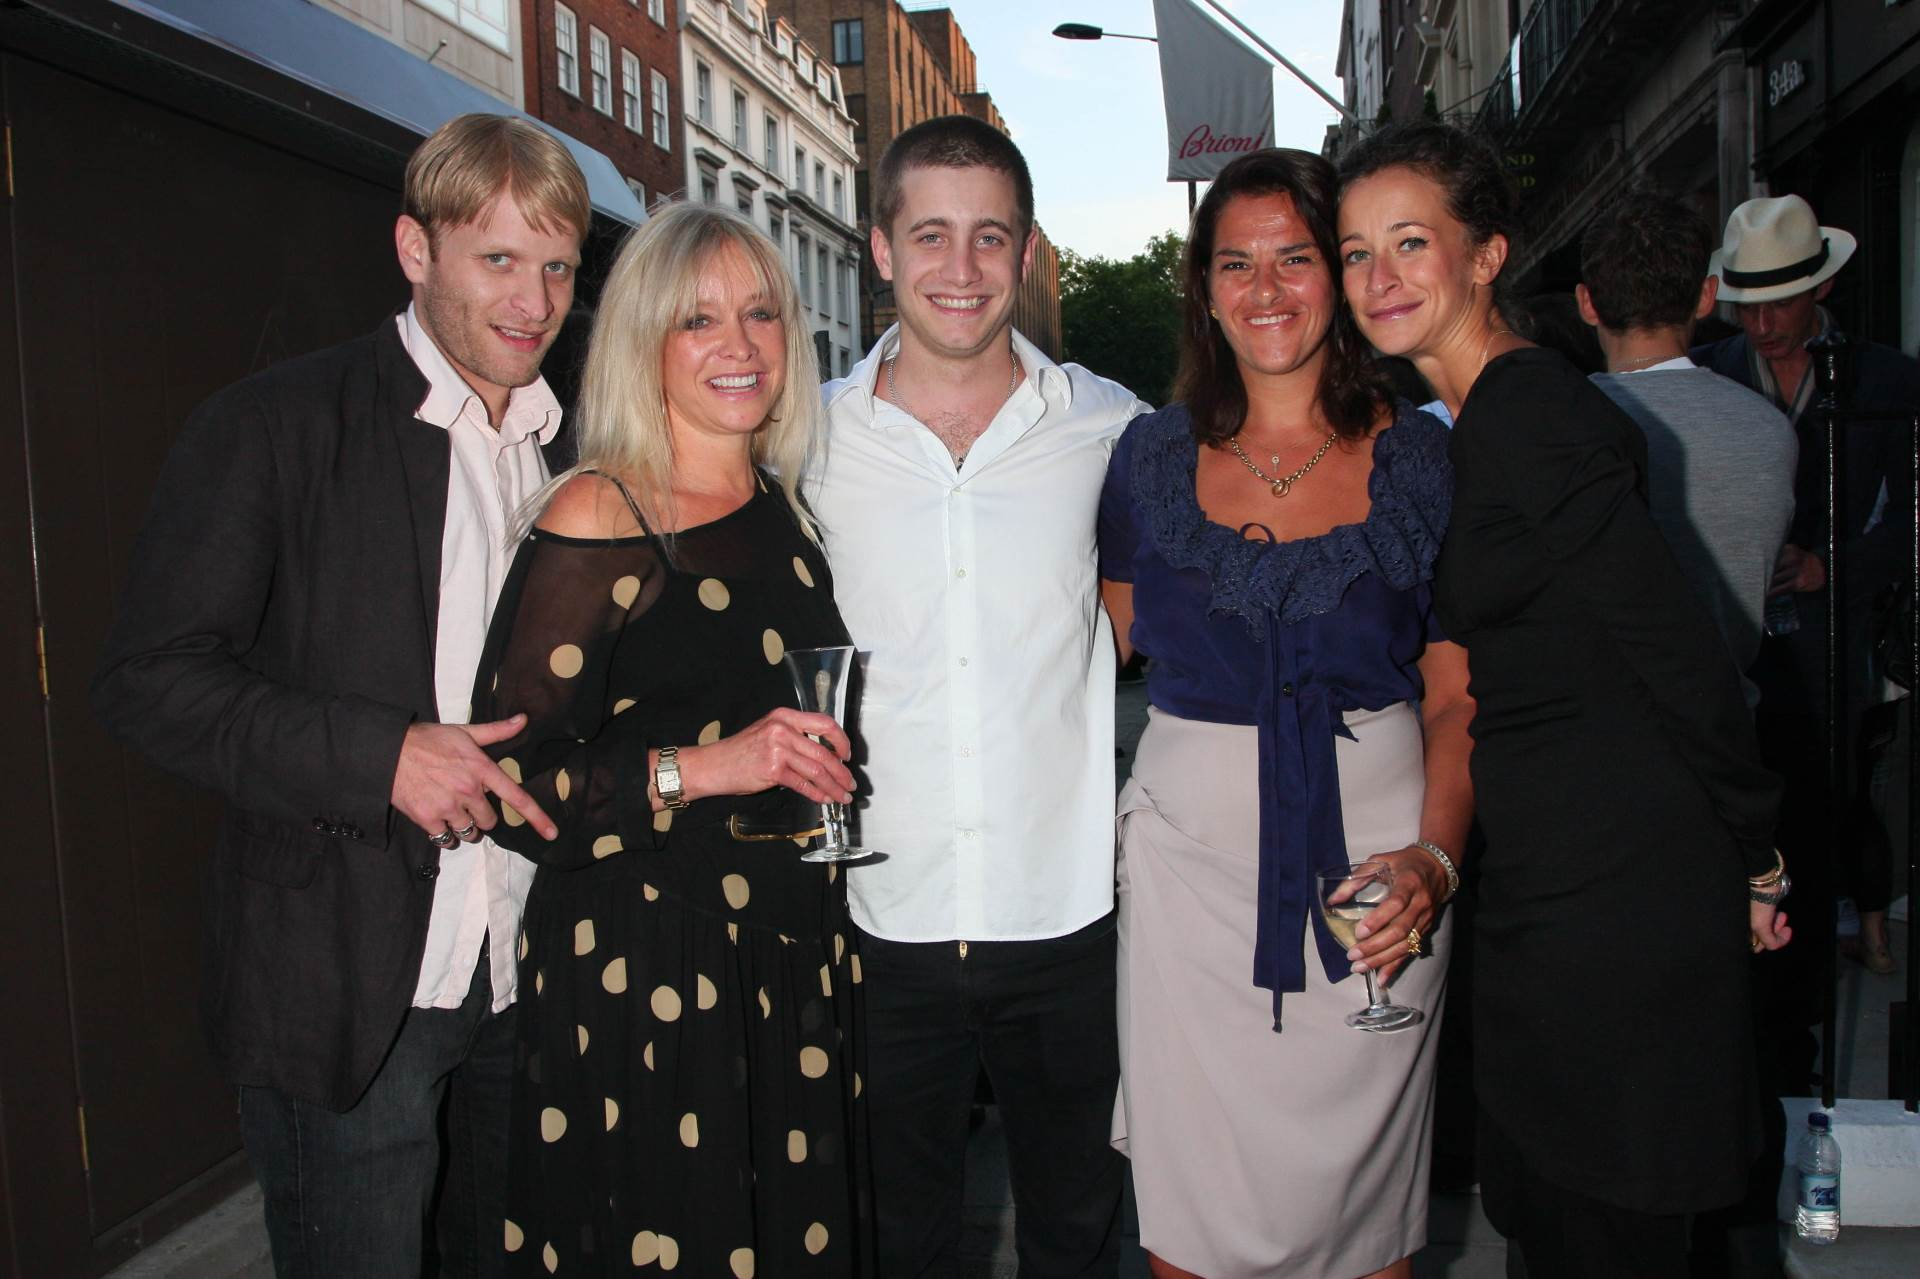 Jamie Wood, prvi lijevo